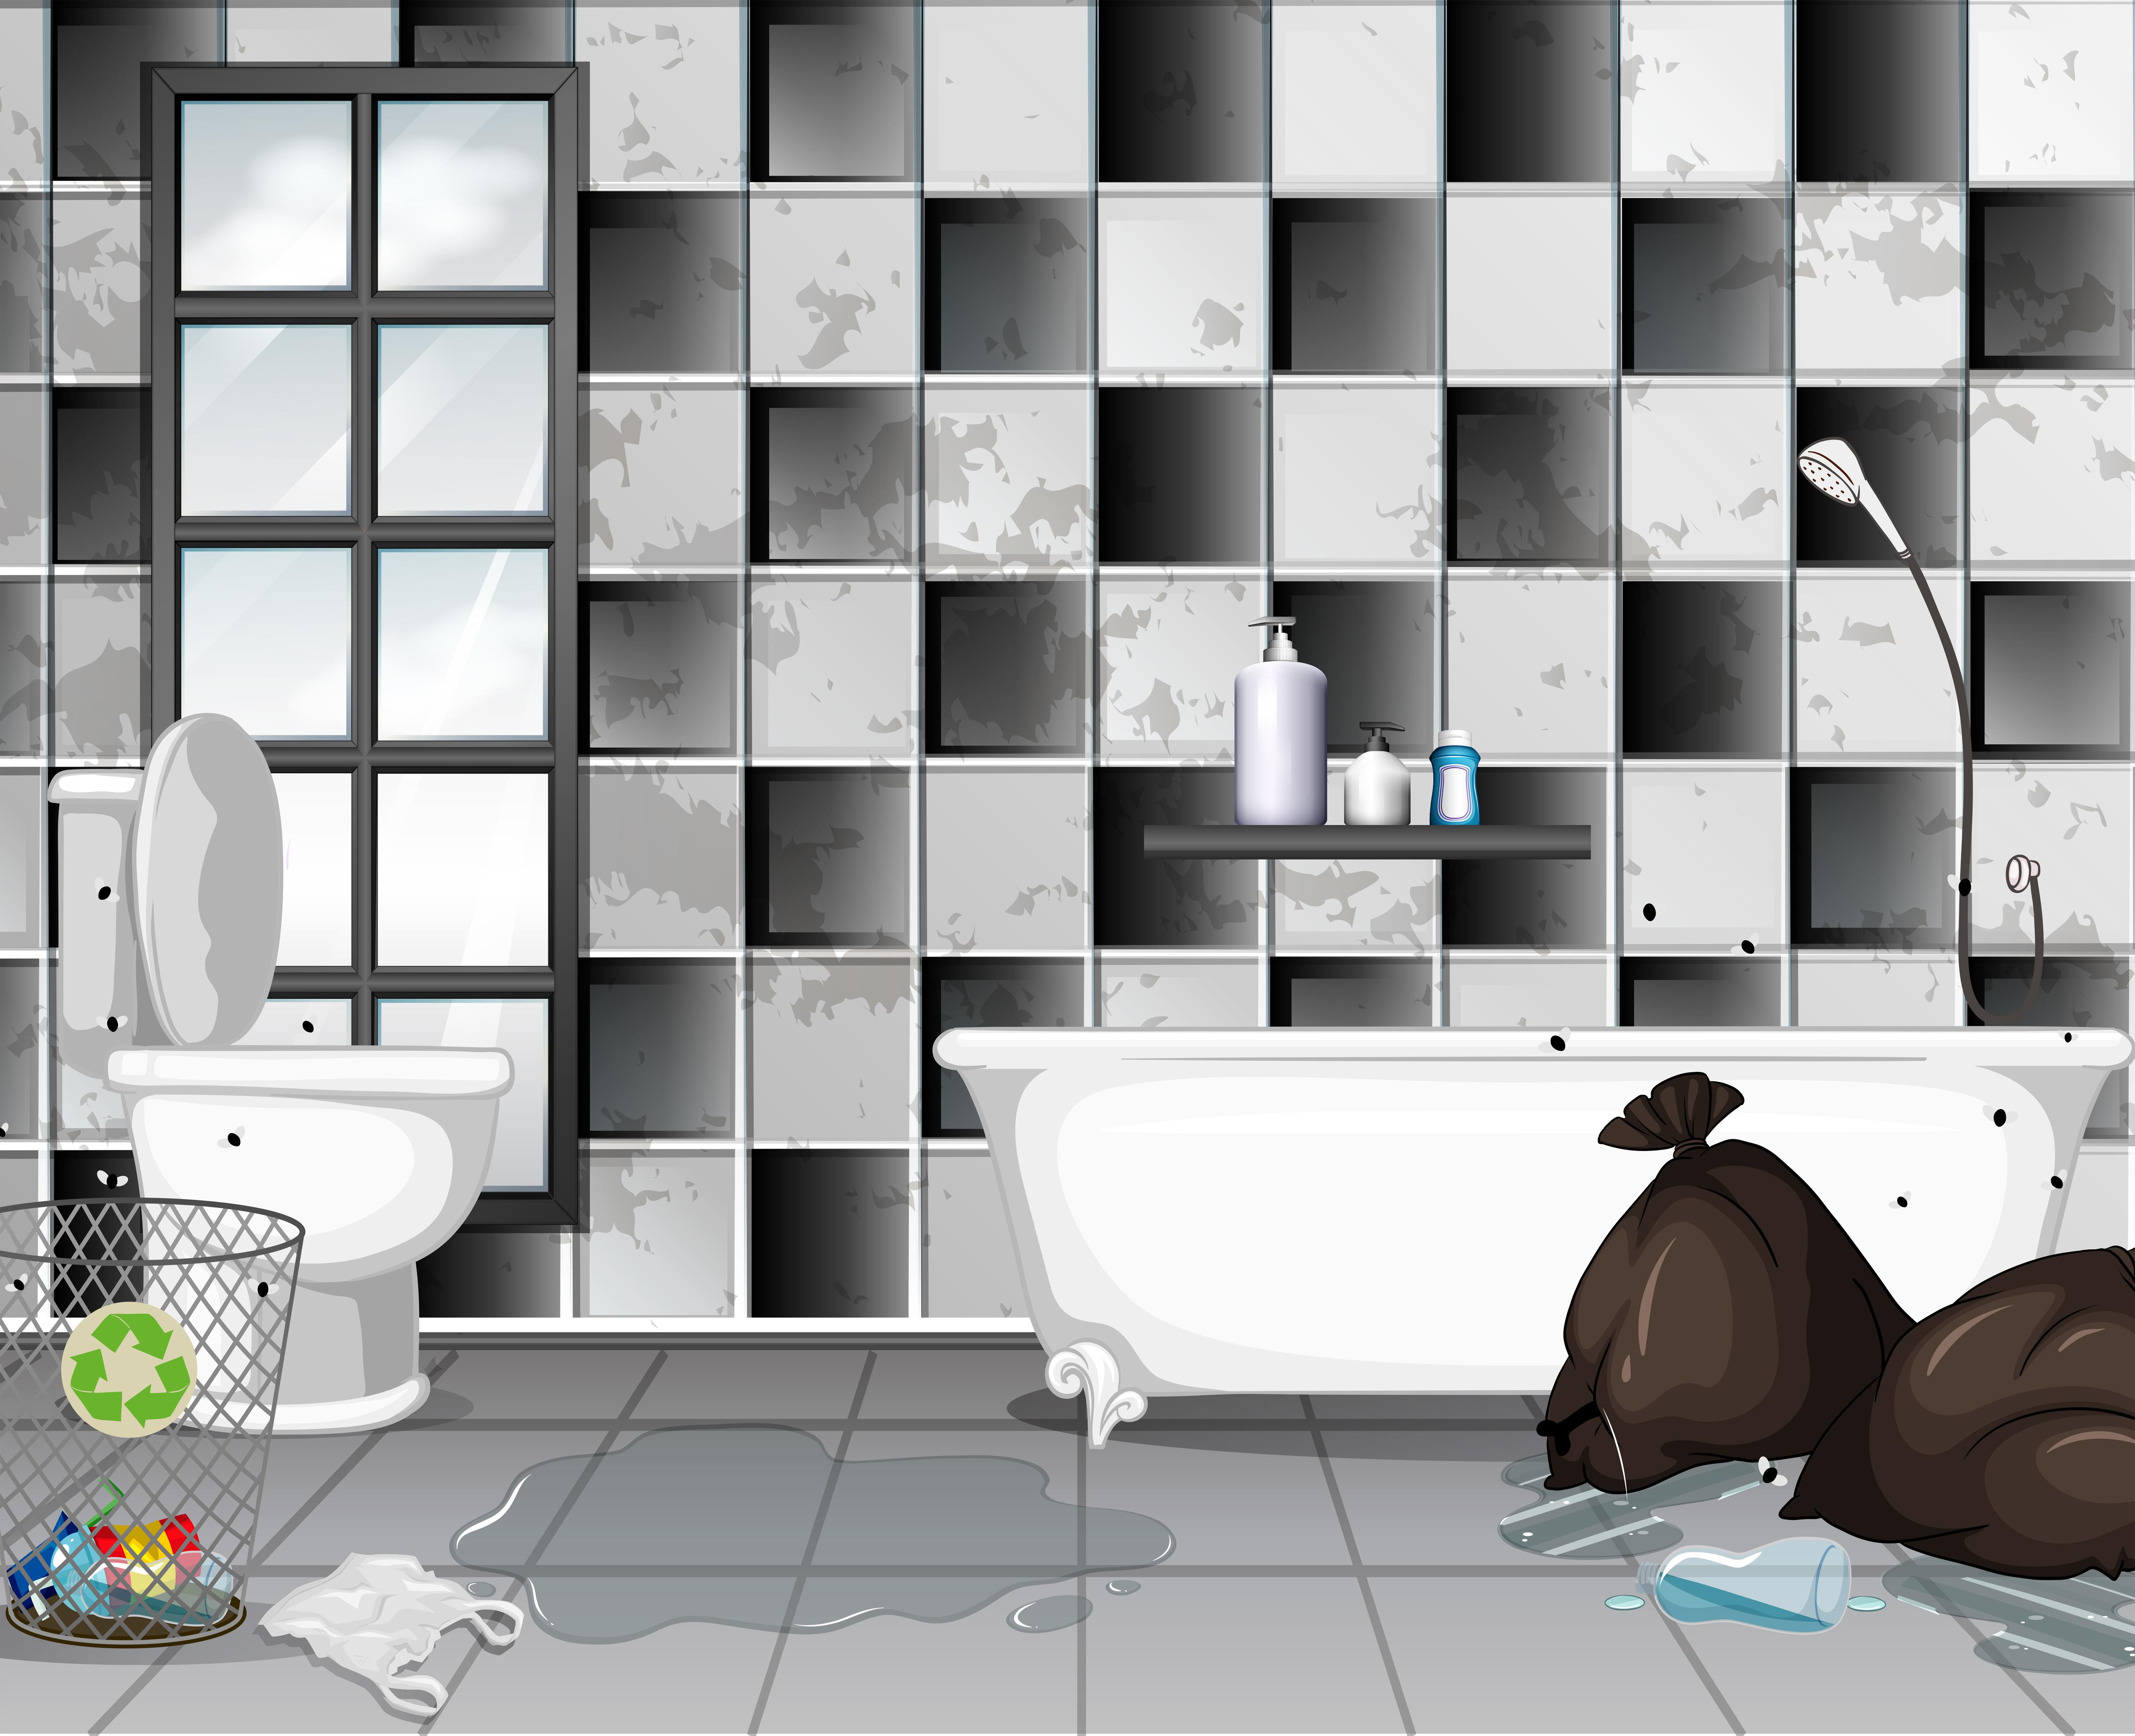 Sporco Con Scena Di Bagno Spazzatura 294001 Scarica Immagini Vettoriali Gratis Grafica Vettoriale E Disegno Modelli